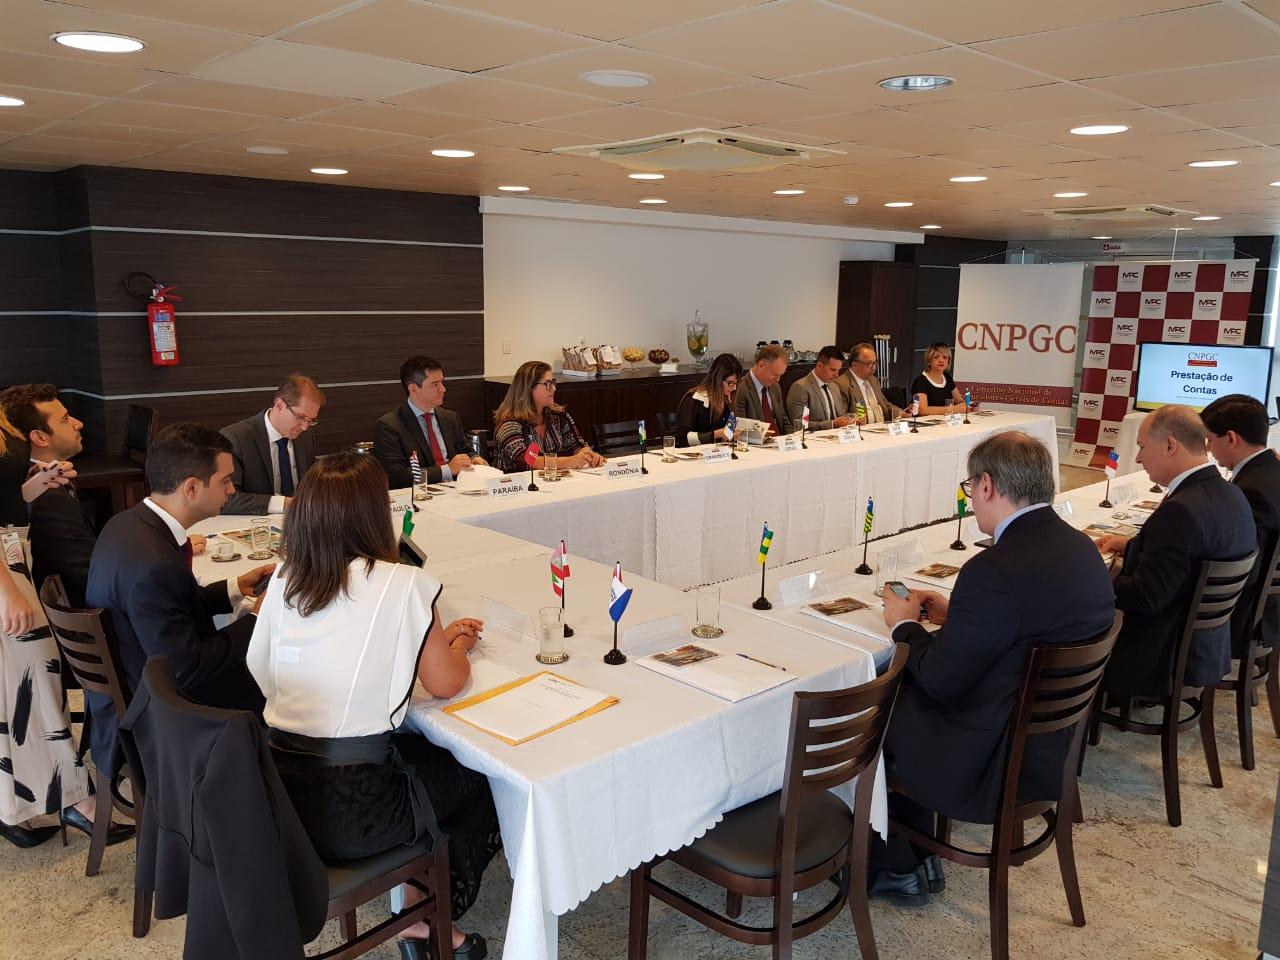 Procurador-Geral participa de reunião do Conselho Nacional dos Procuradores Gerais de Contas